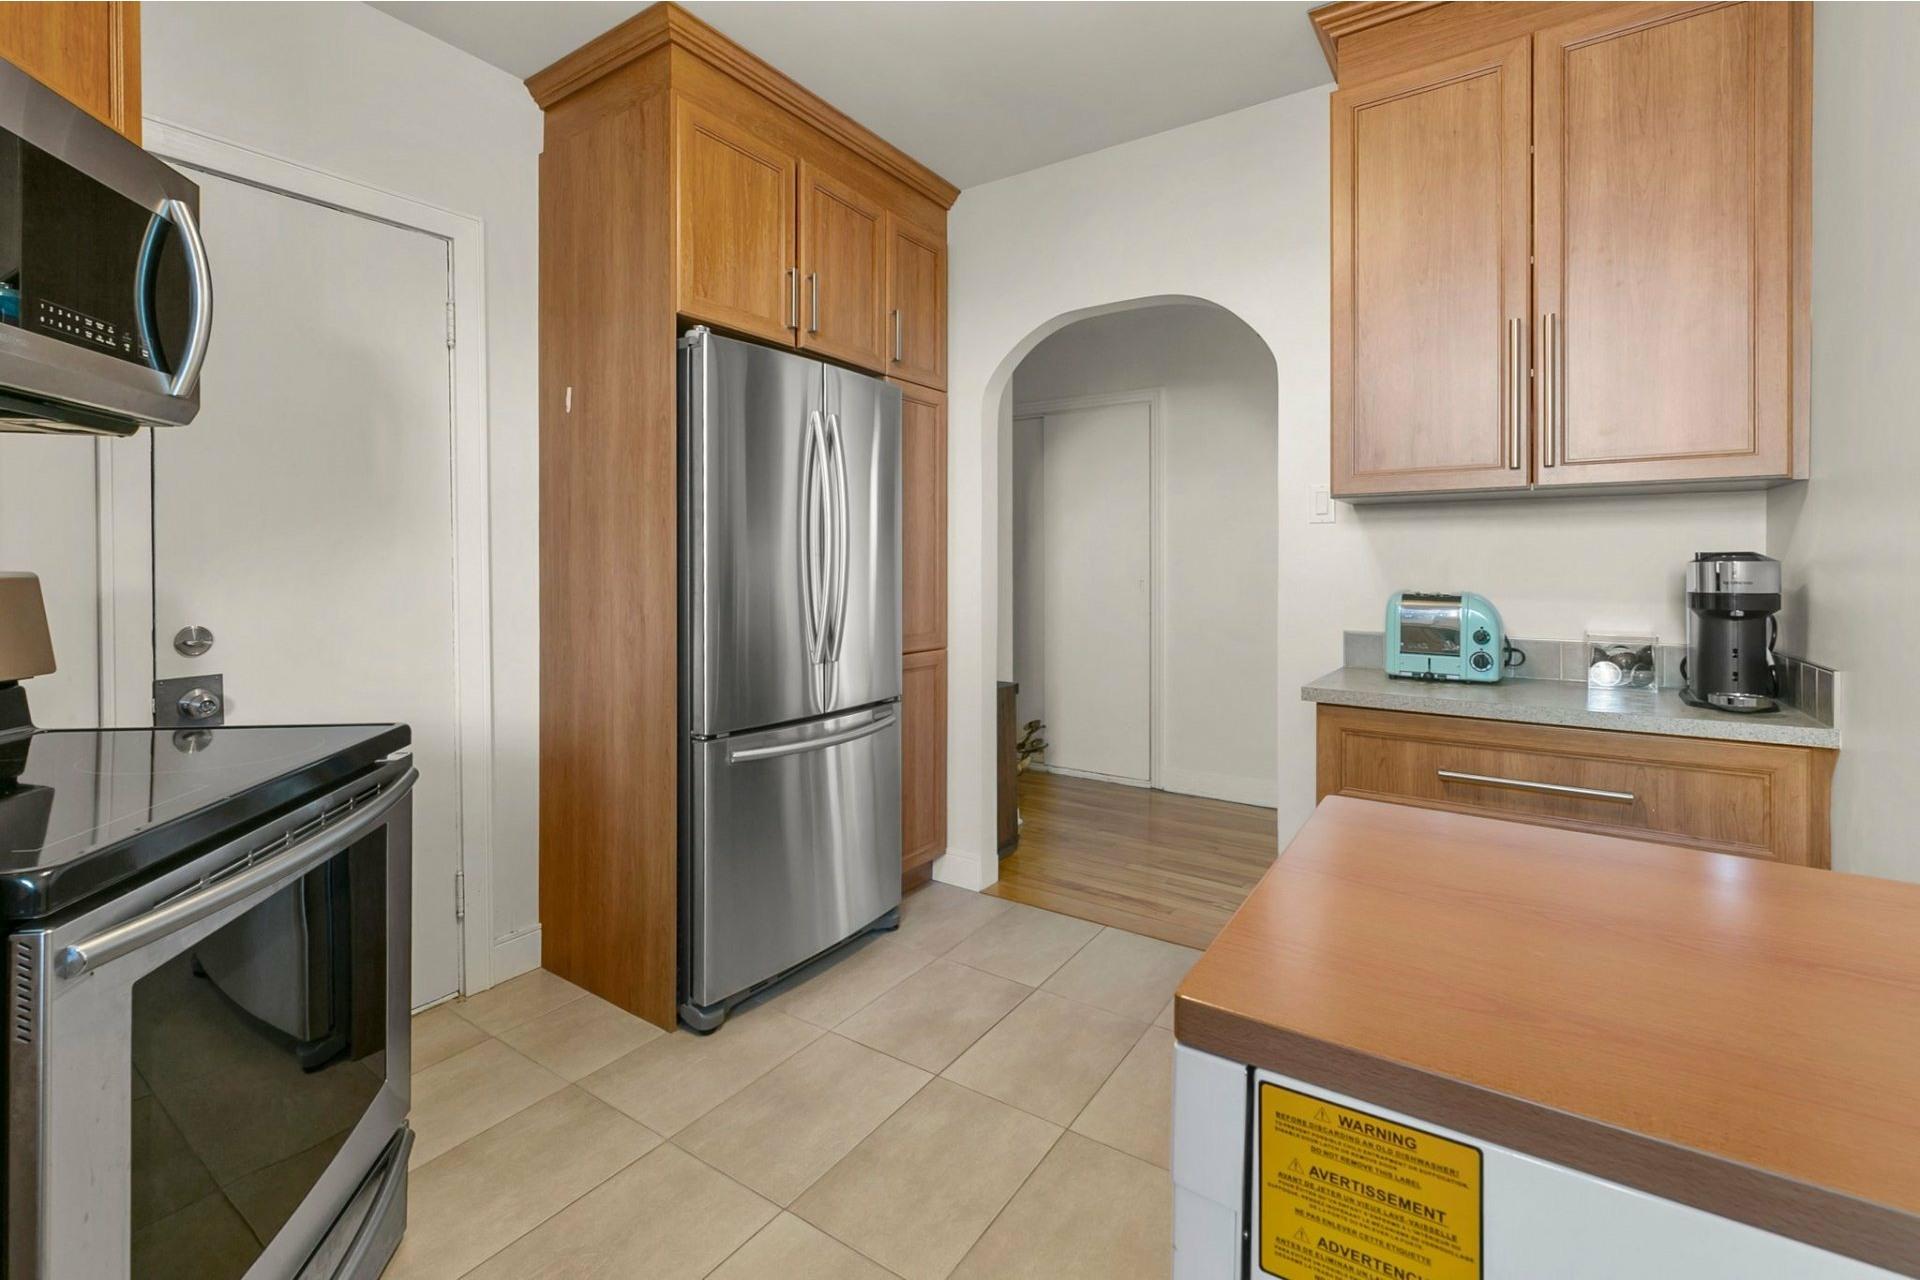 image 7 - Appartement À vendre Côte-des-Neiges/Notre-Dame-de-Grâce Montréal  - 7 pièces